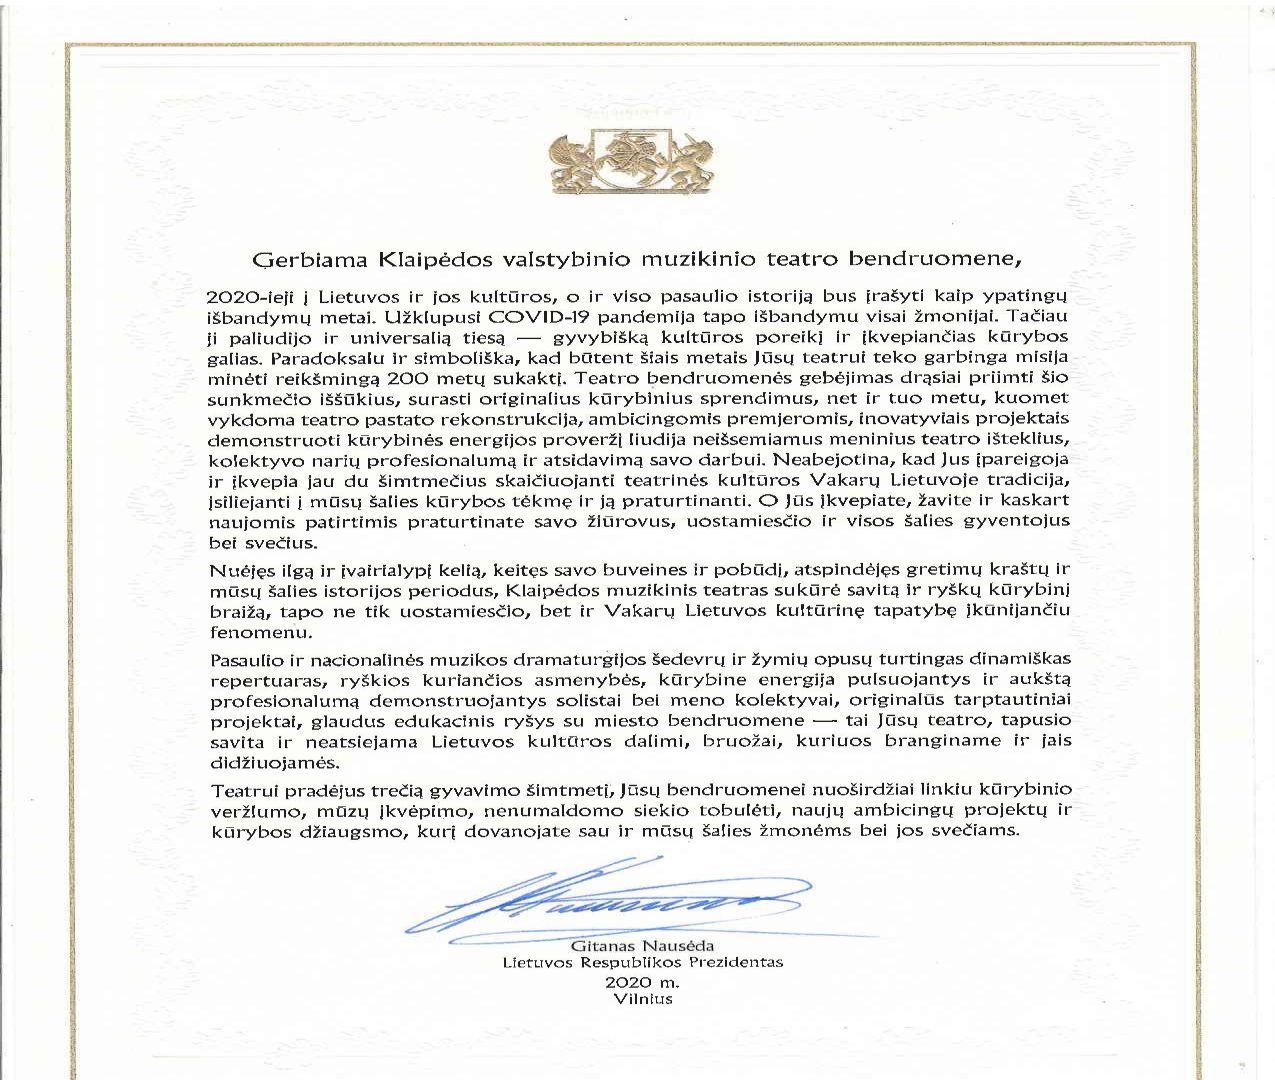 LR Prezidento Gitano Nausėdos sveikinimas Muzikiniam teatrui, pradėjusiam skaičiuoti trečią gyvavimo šimtmetį.  Dėkojame ir didžiuojamės!